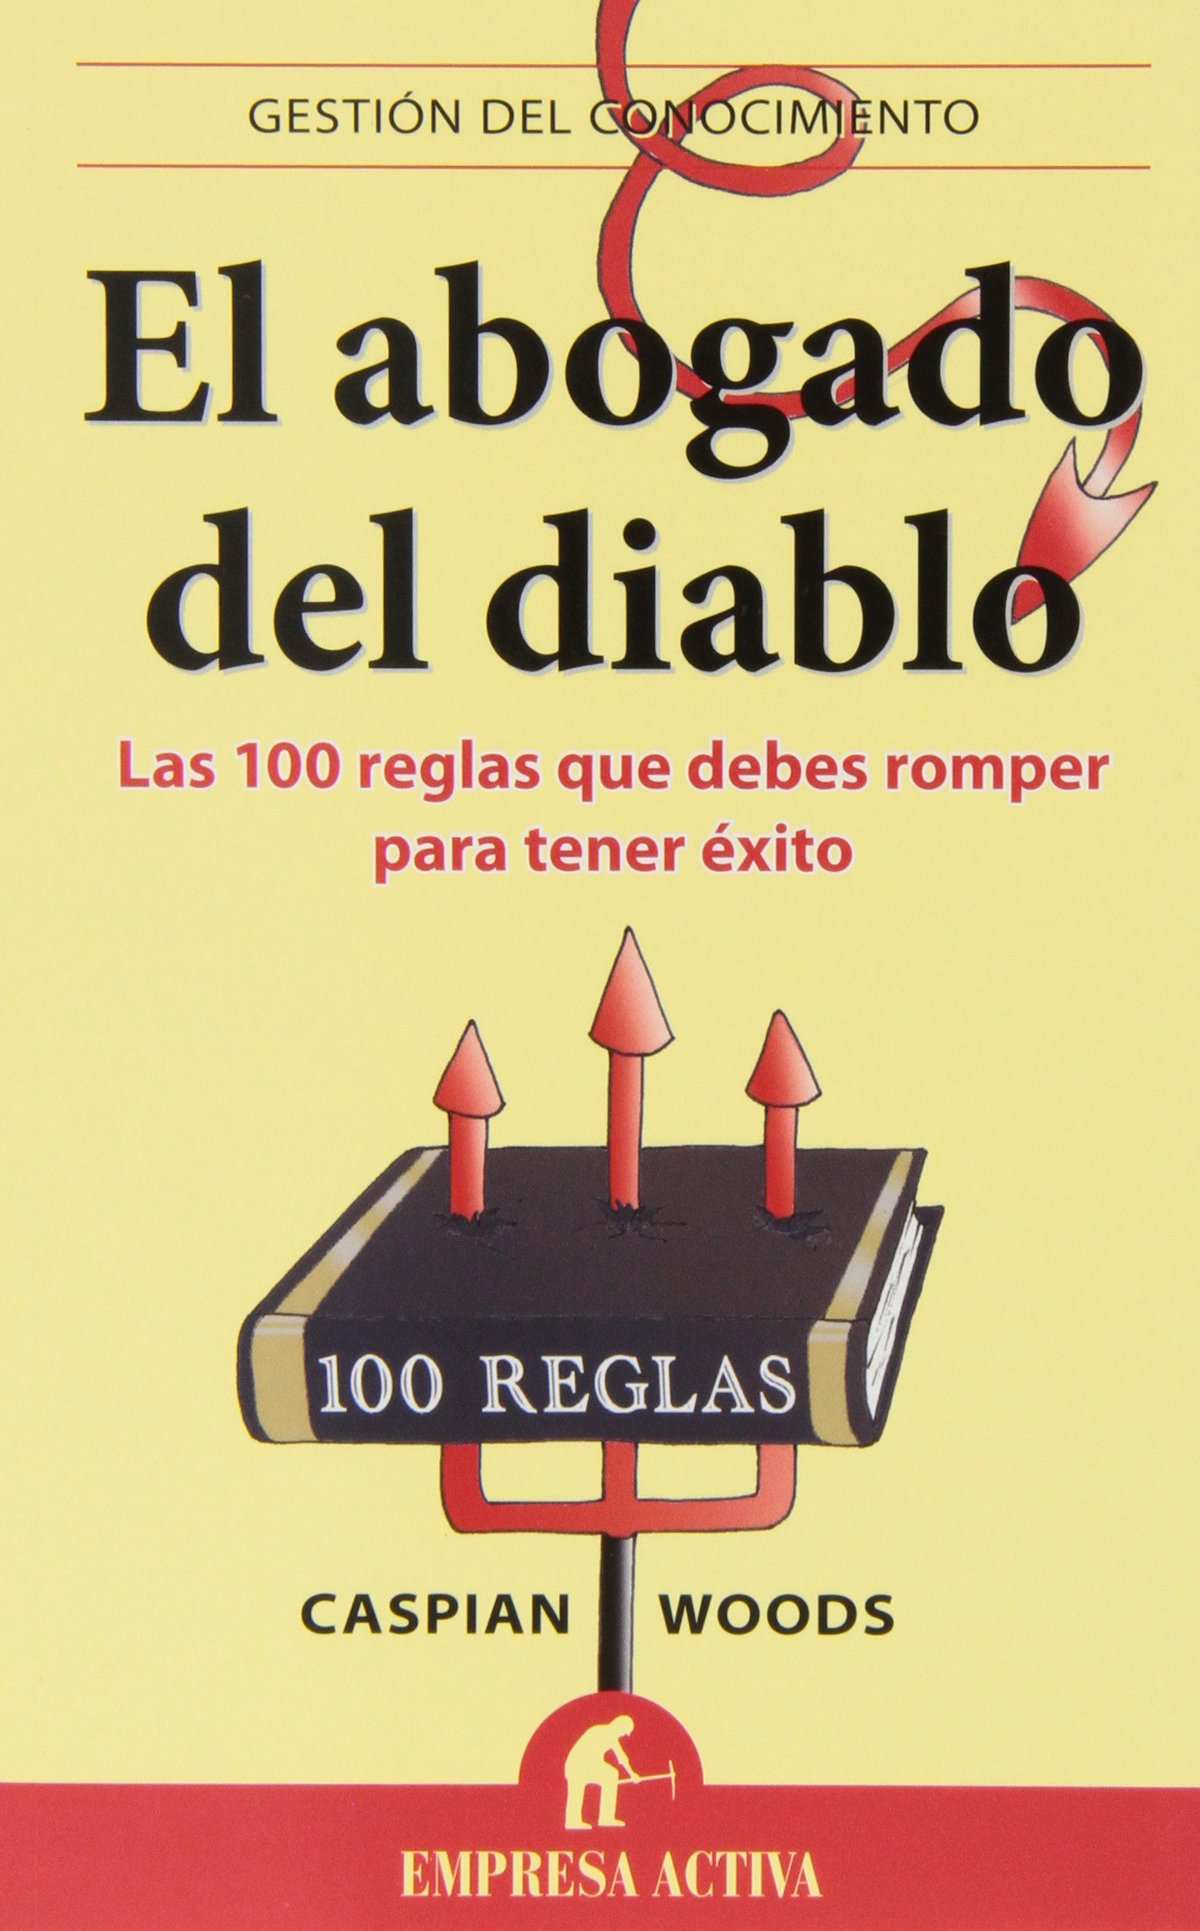 El abogado del diablo (Spanish Edition) PDF